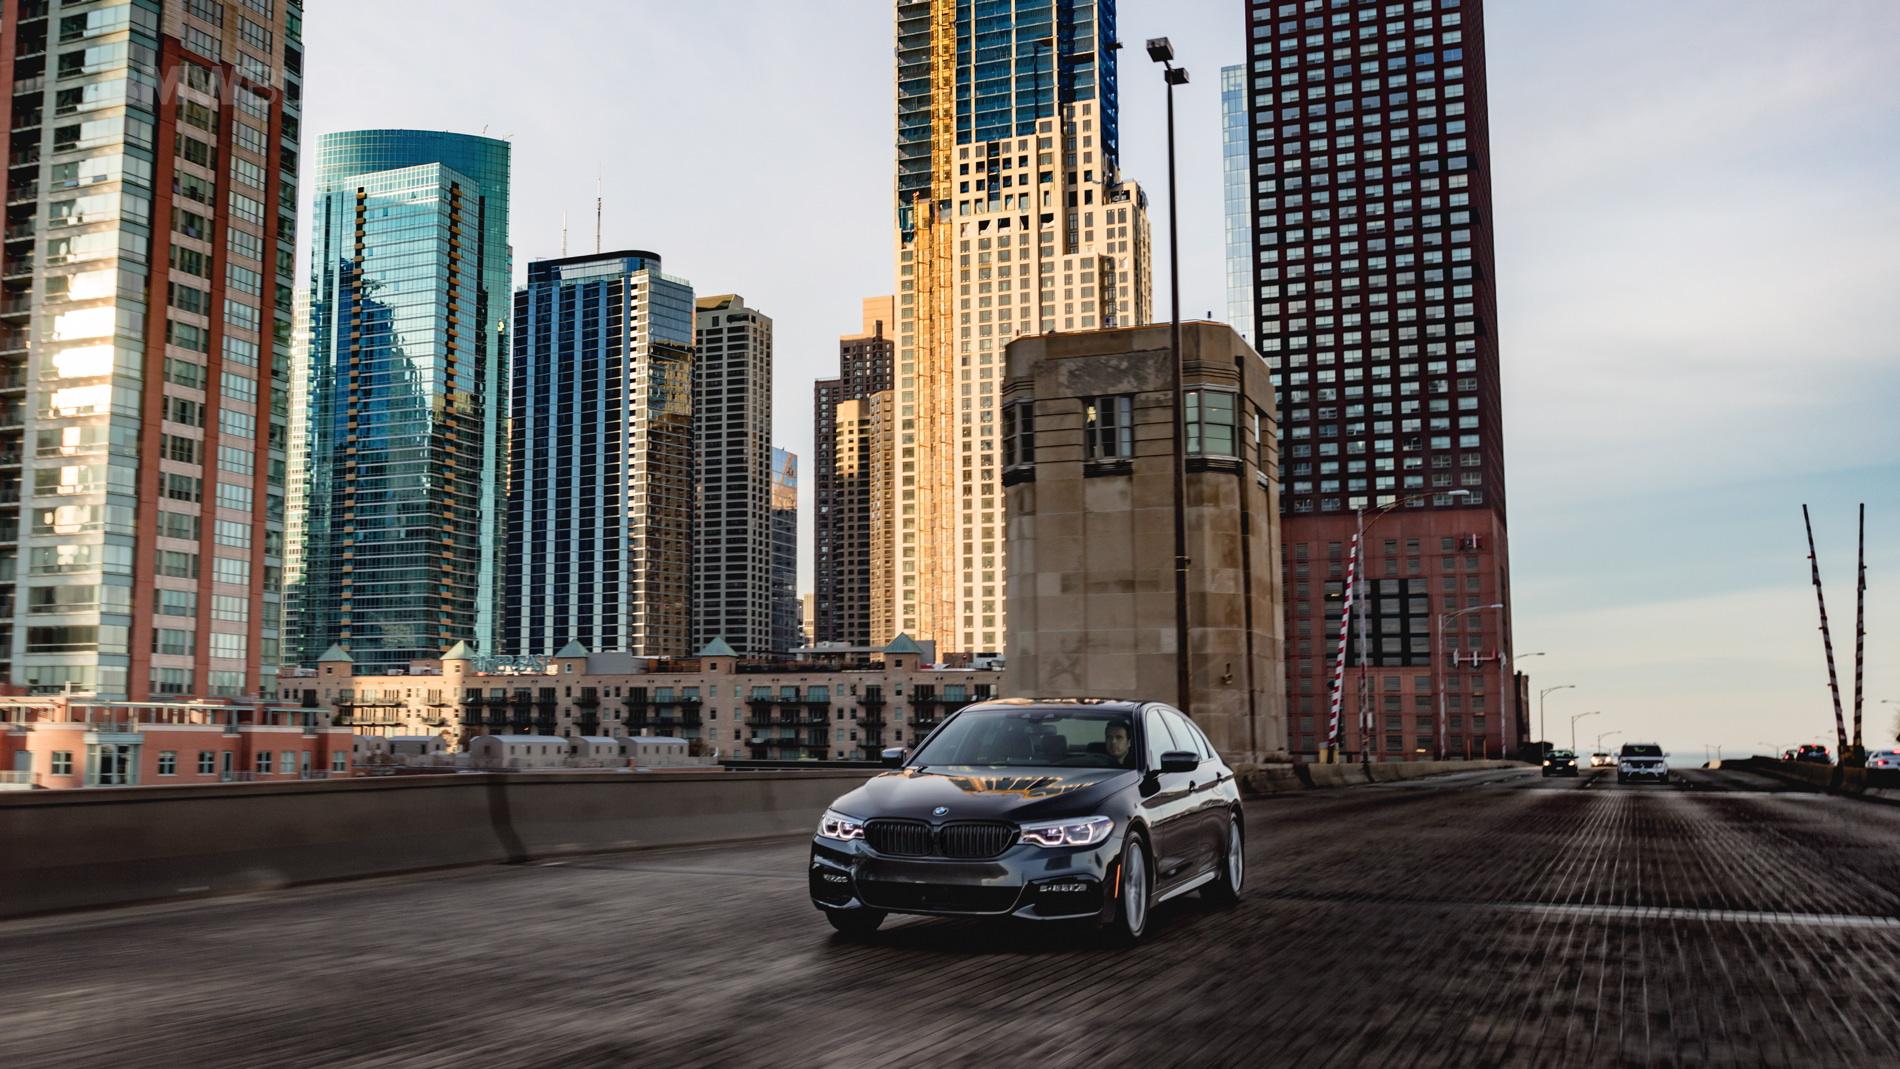 BMW 5 Series entrepreneurs lifestyle 11 1